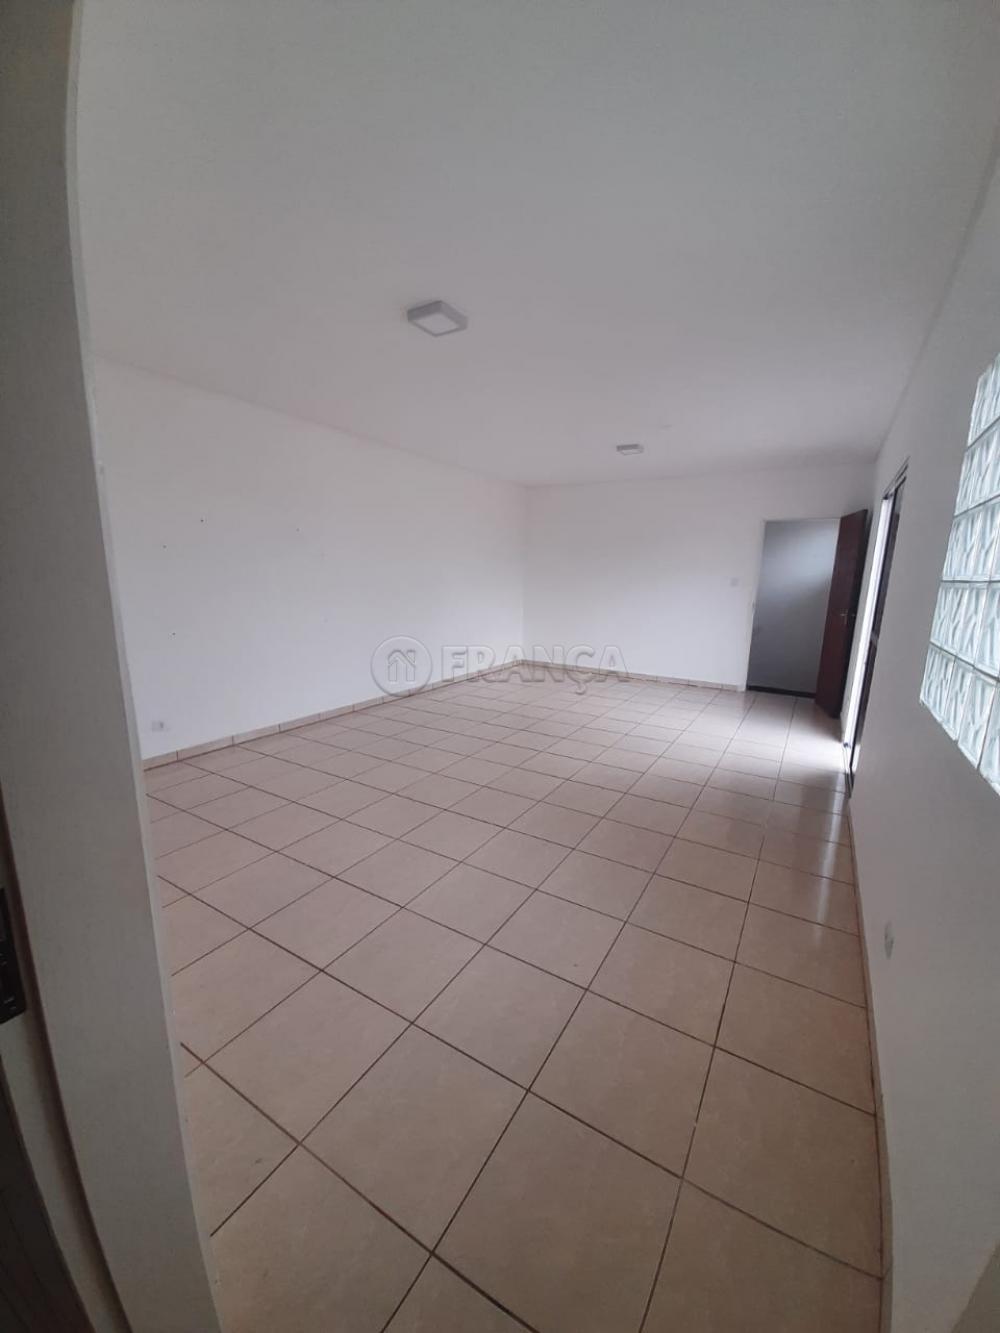 Comprar Casa / Sobrado em Taubaté R$ 373.000,00 - Foto 16